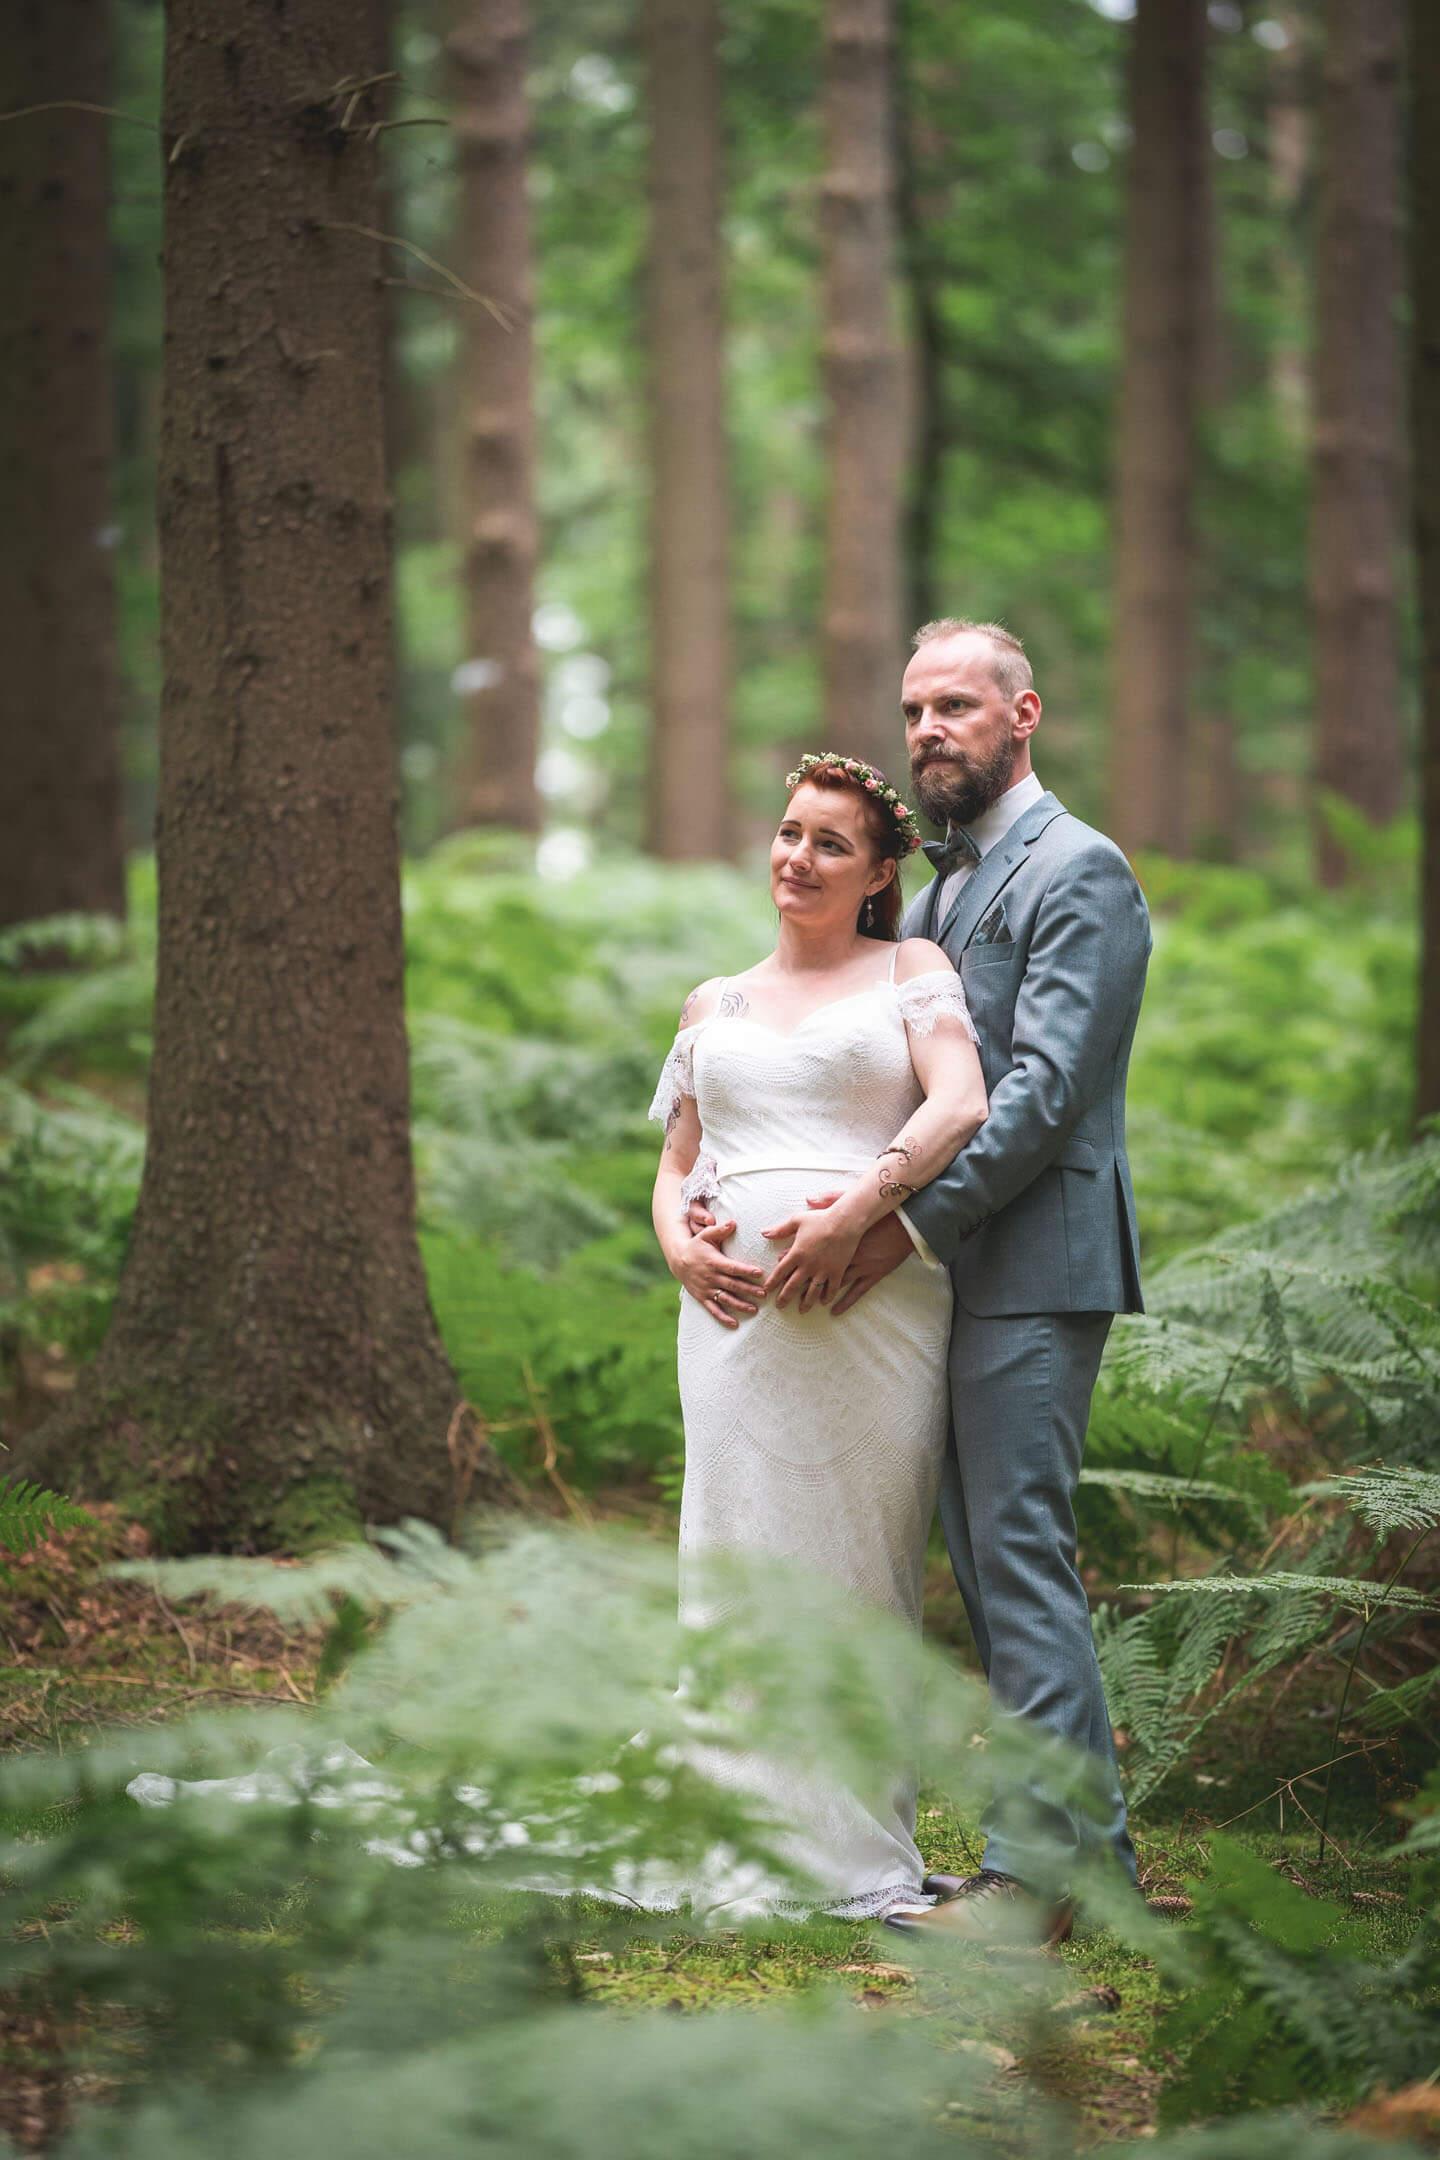 Hochzeitsfotos im Wald. Der Fotograf Florian Läufer drückte hier auf den Auslöser